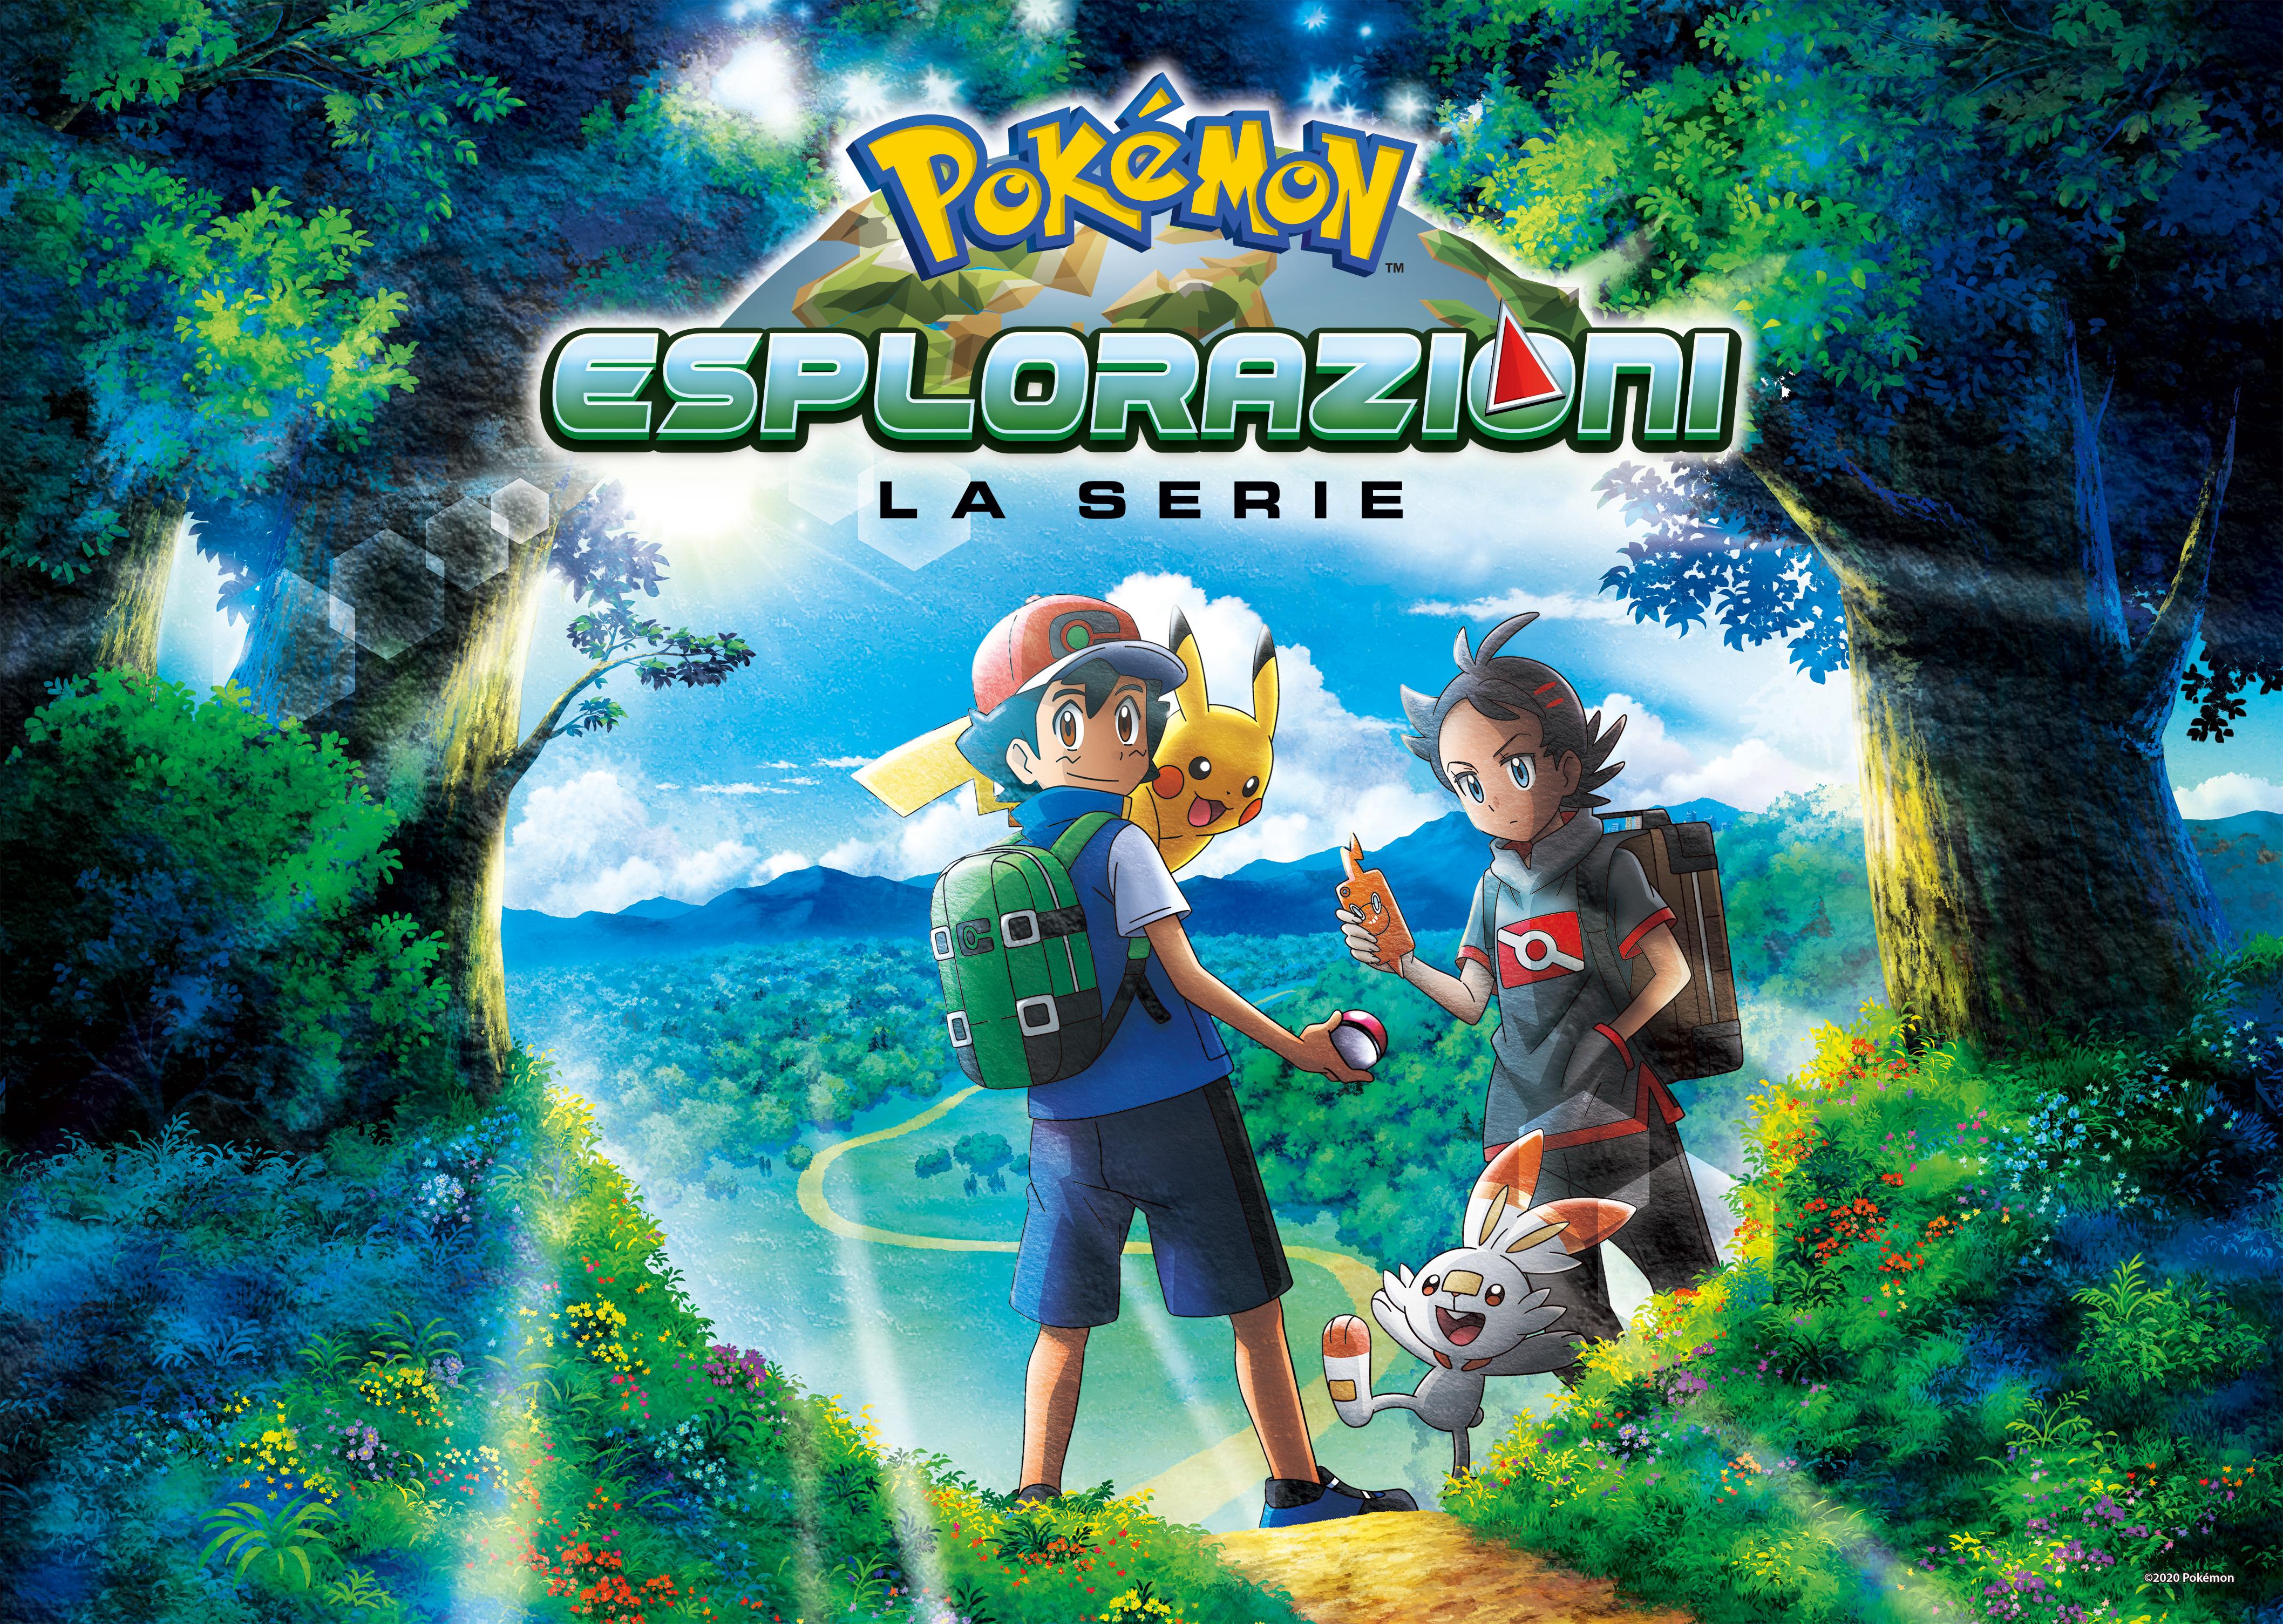 Esplorazioni Pokémon poster